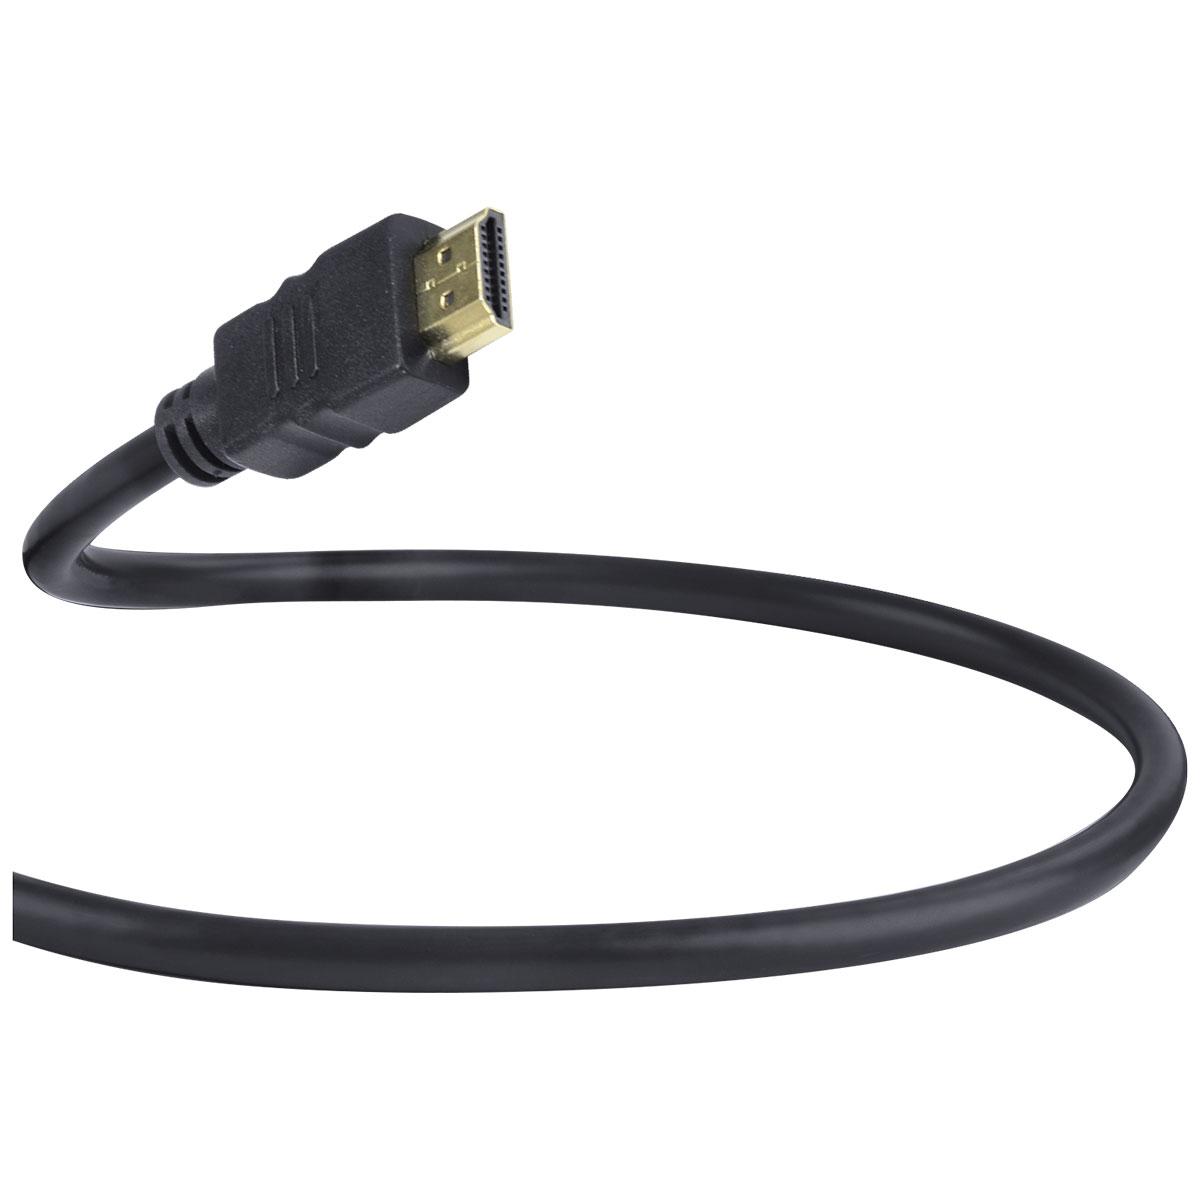 CABO HDMI 2.0 4K ULTRA HD 3D CONEXÃO ETHERNET COM 01 CONECTOR 90º 2 METROS - H2090-2